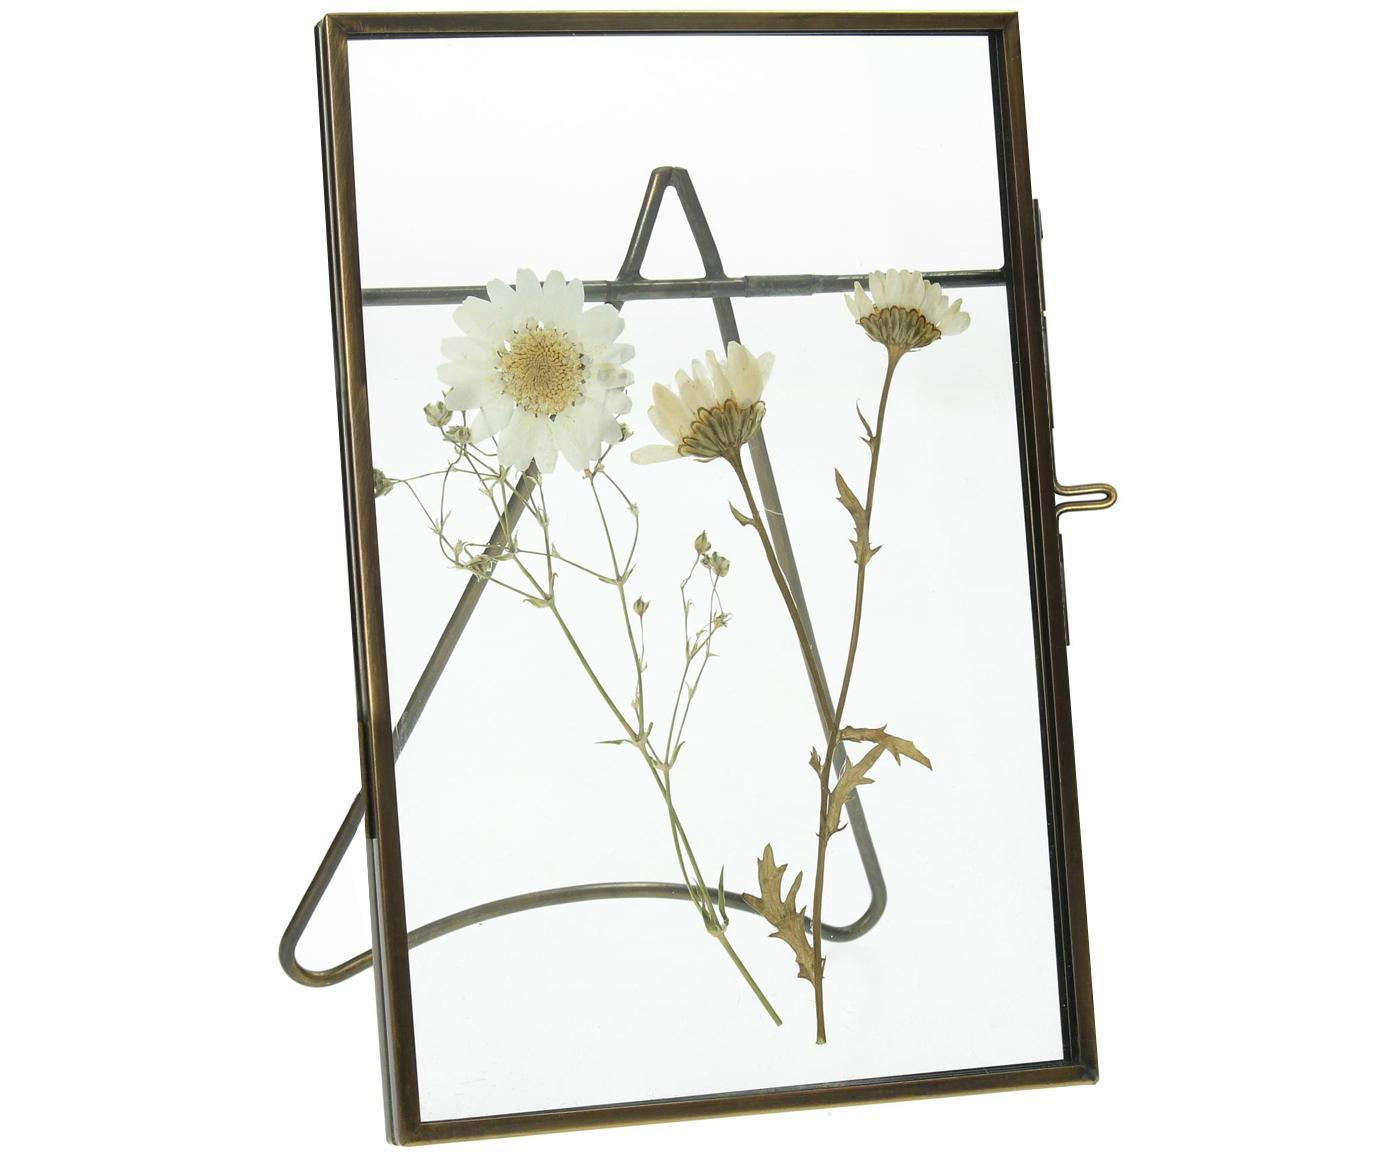 Cornice da tavolo in metallo Dried Flower, Metallo rivestito, Ottonato, 10 x 15 cm